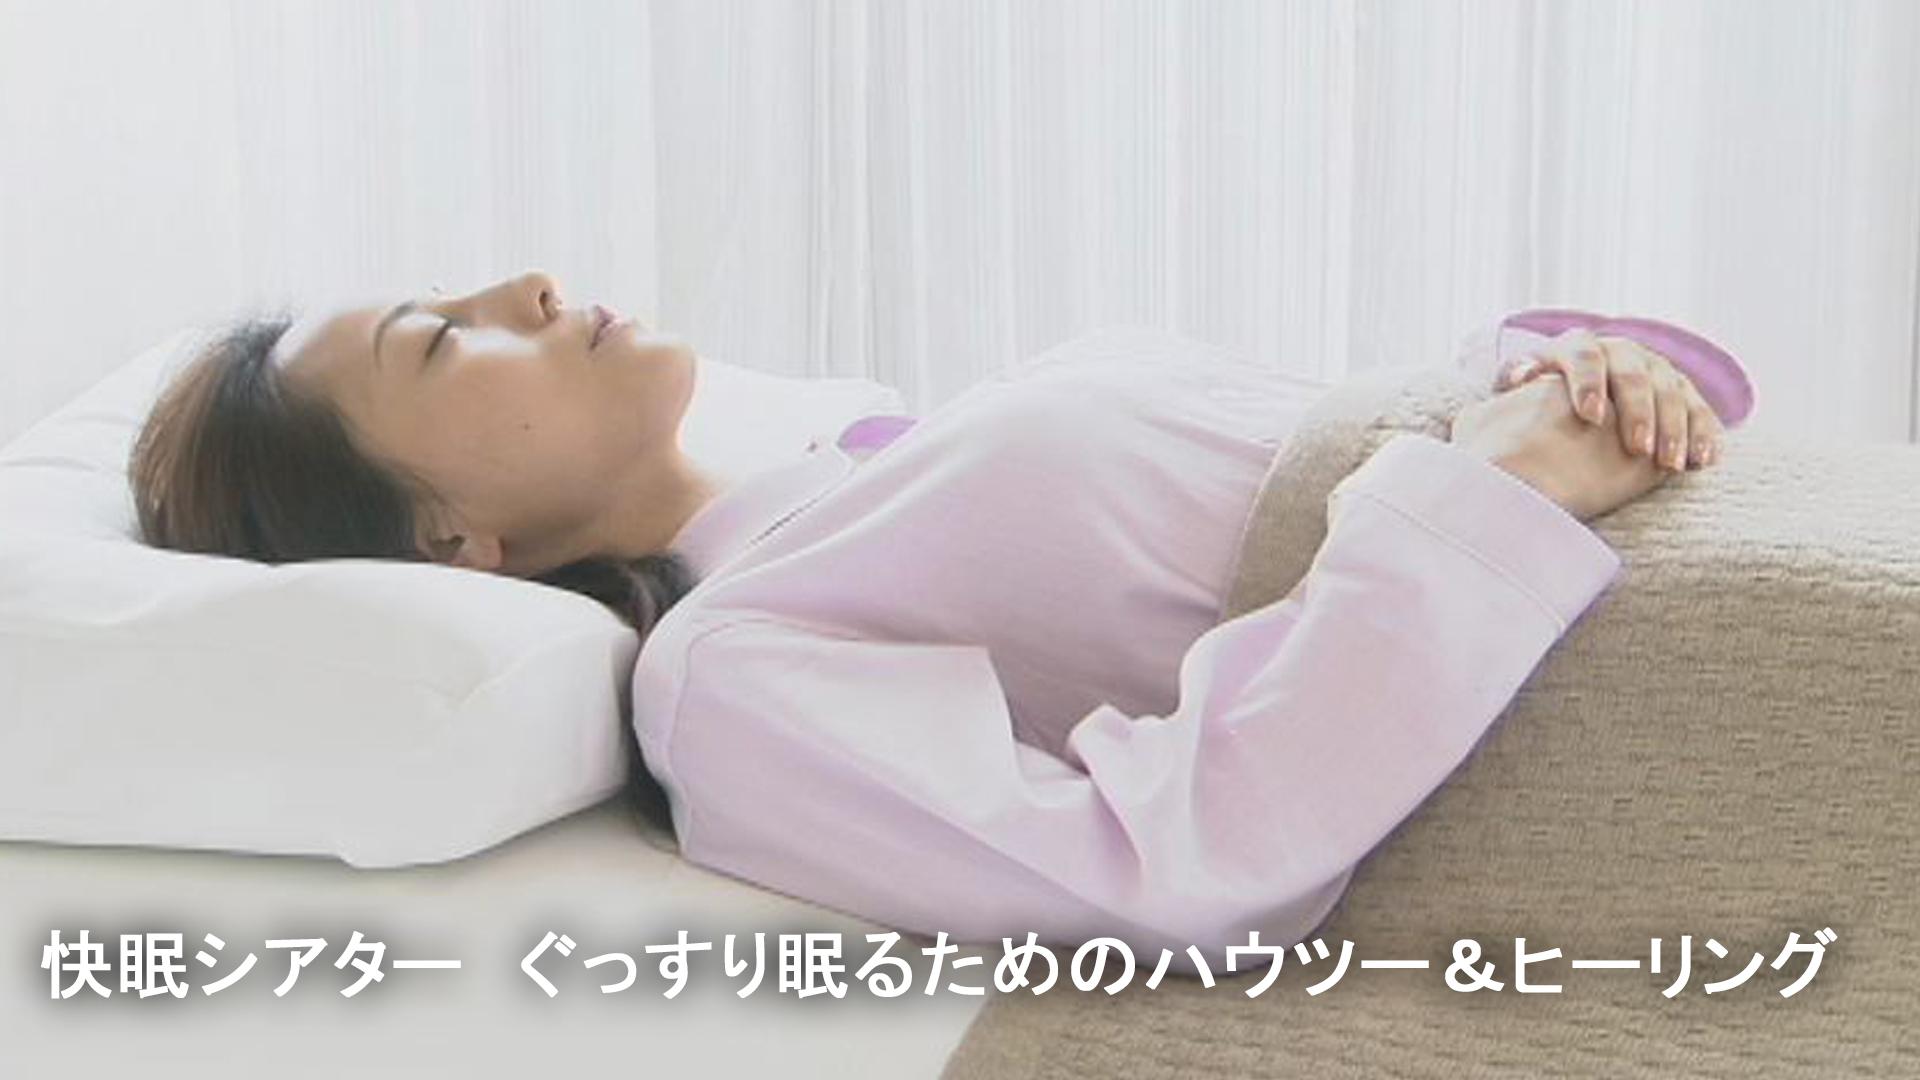 快眠シアター ぐっすり眠るためのハウツー&ヒーリング